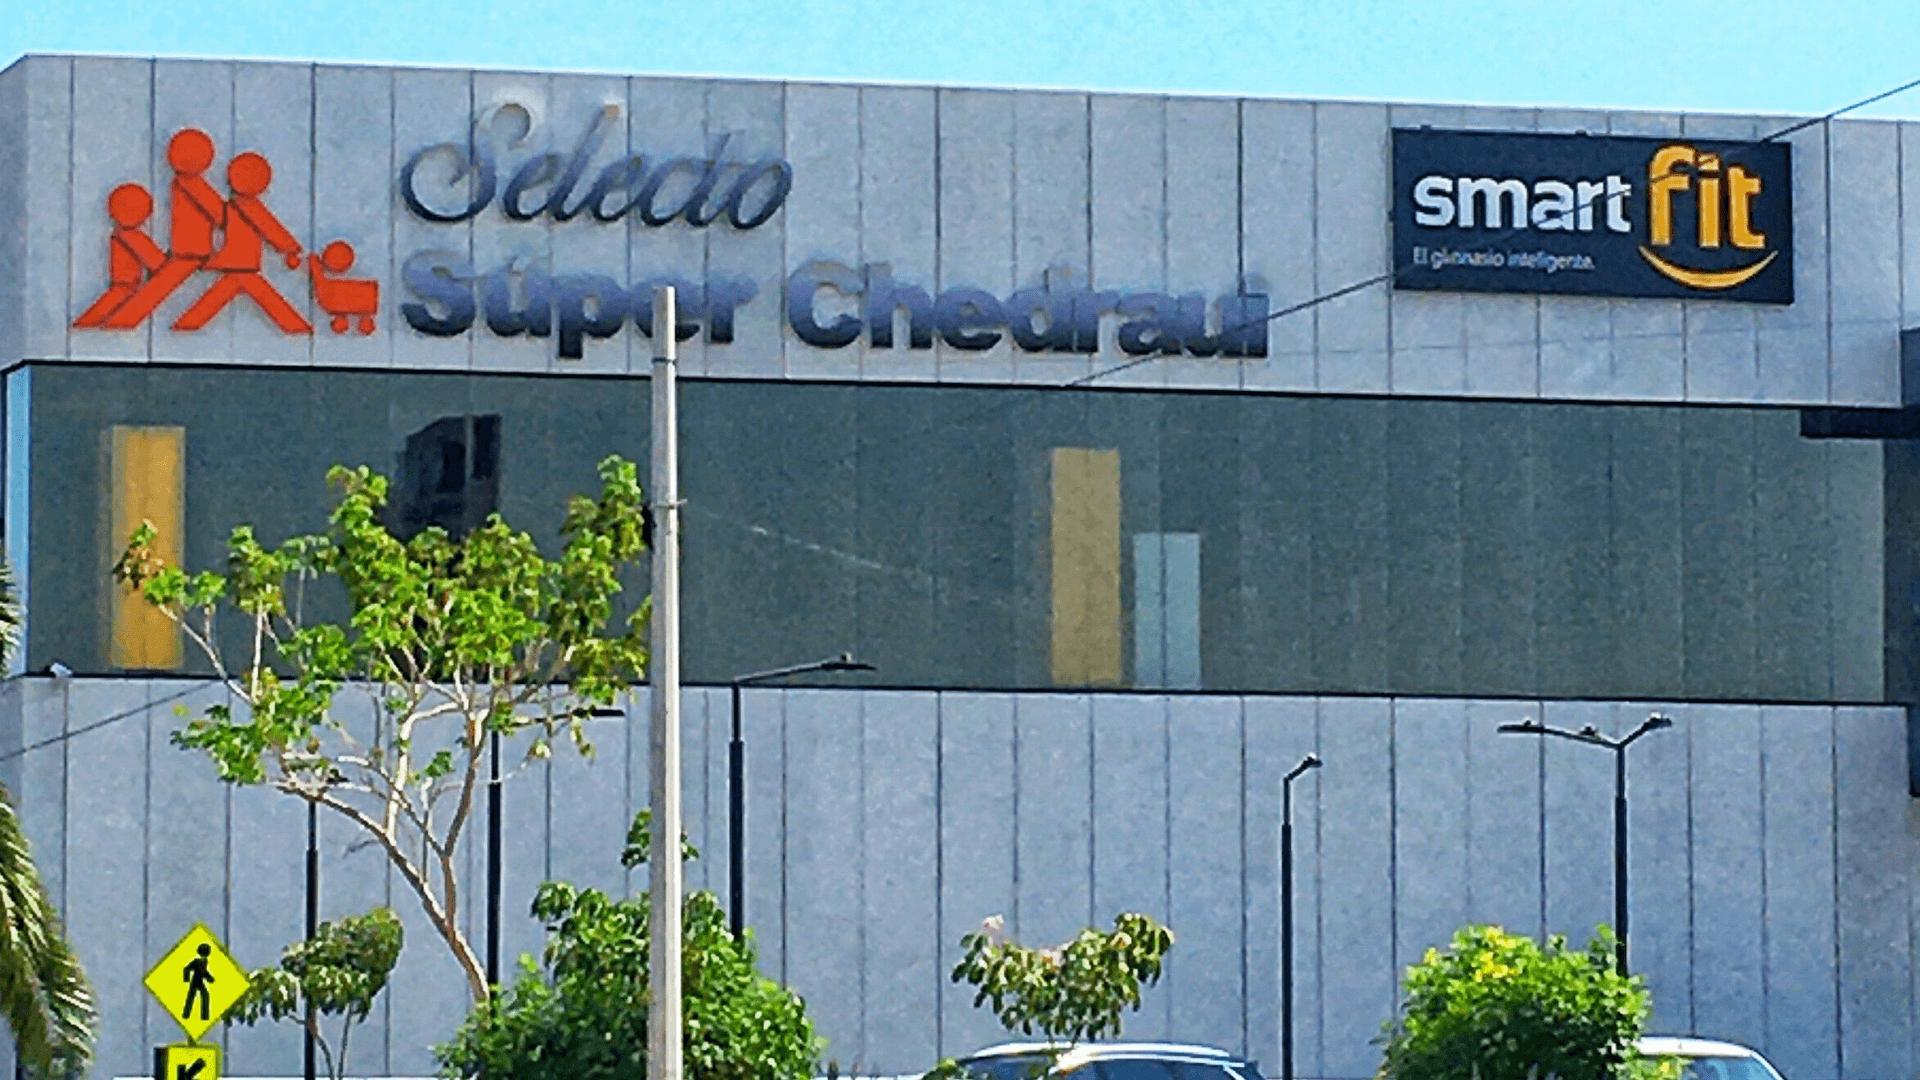 Selecto Super Chedraui in Merida Mexico